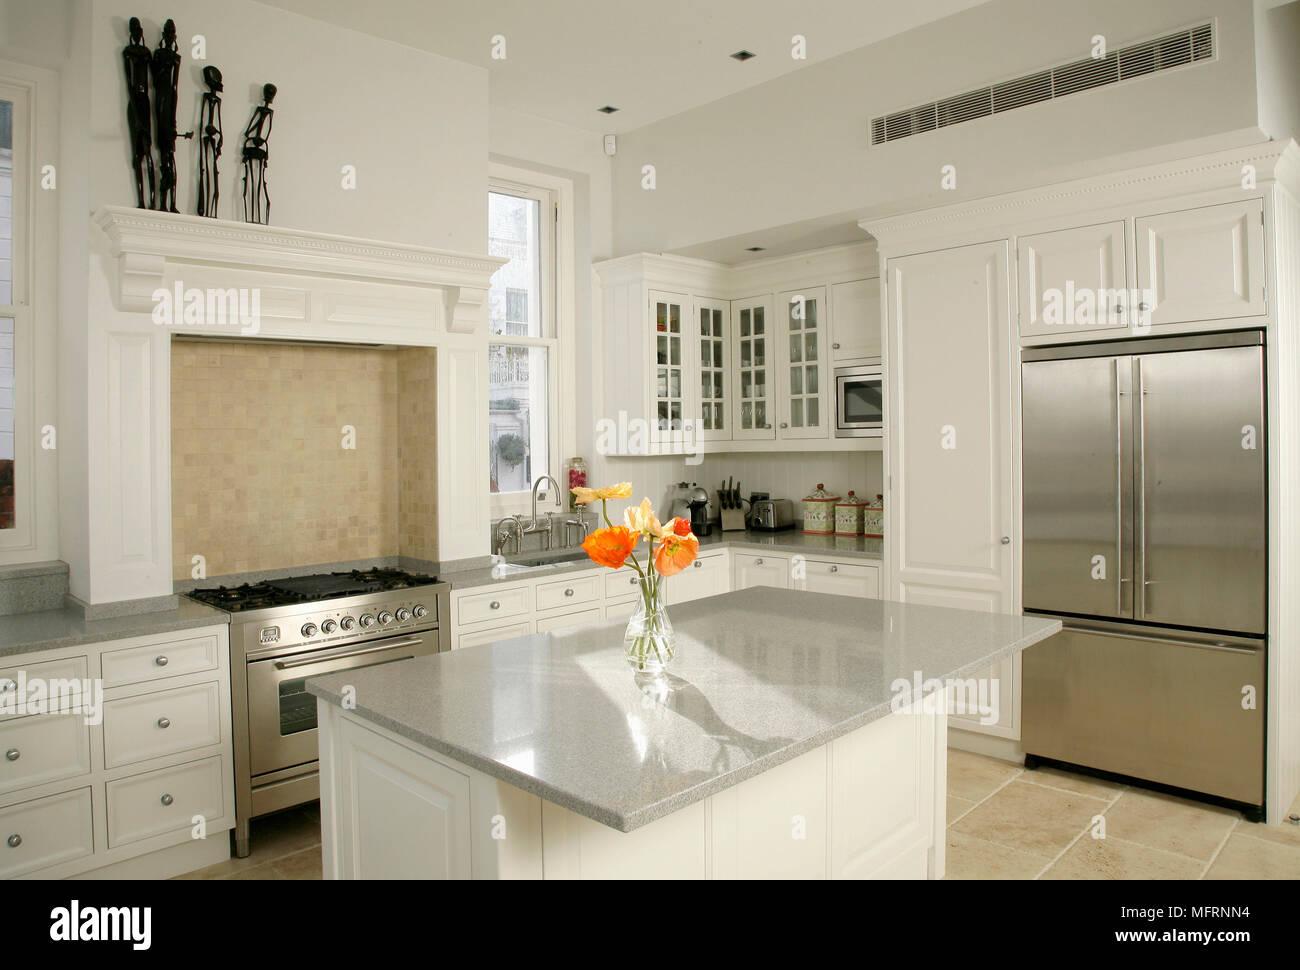 Moderne Küche mit Kochinsel und weiße Einheiten Stockfoto, Bild ...